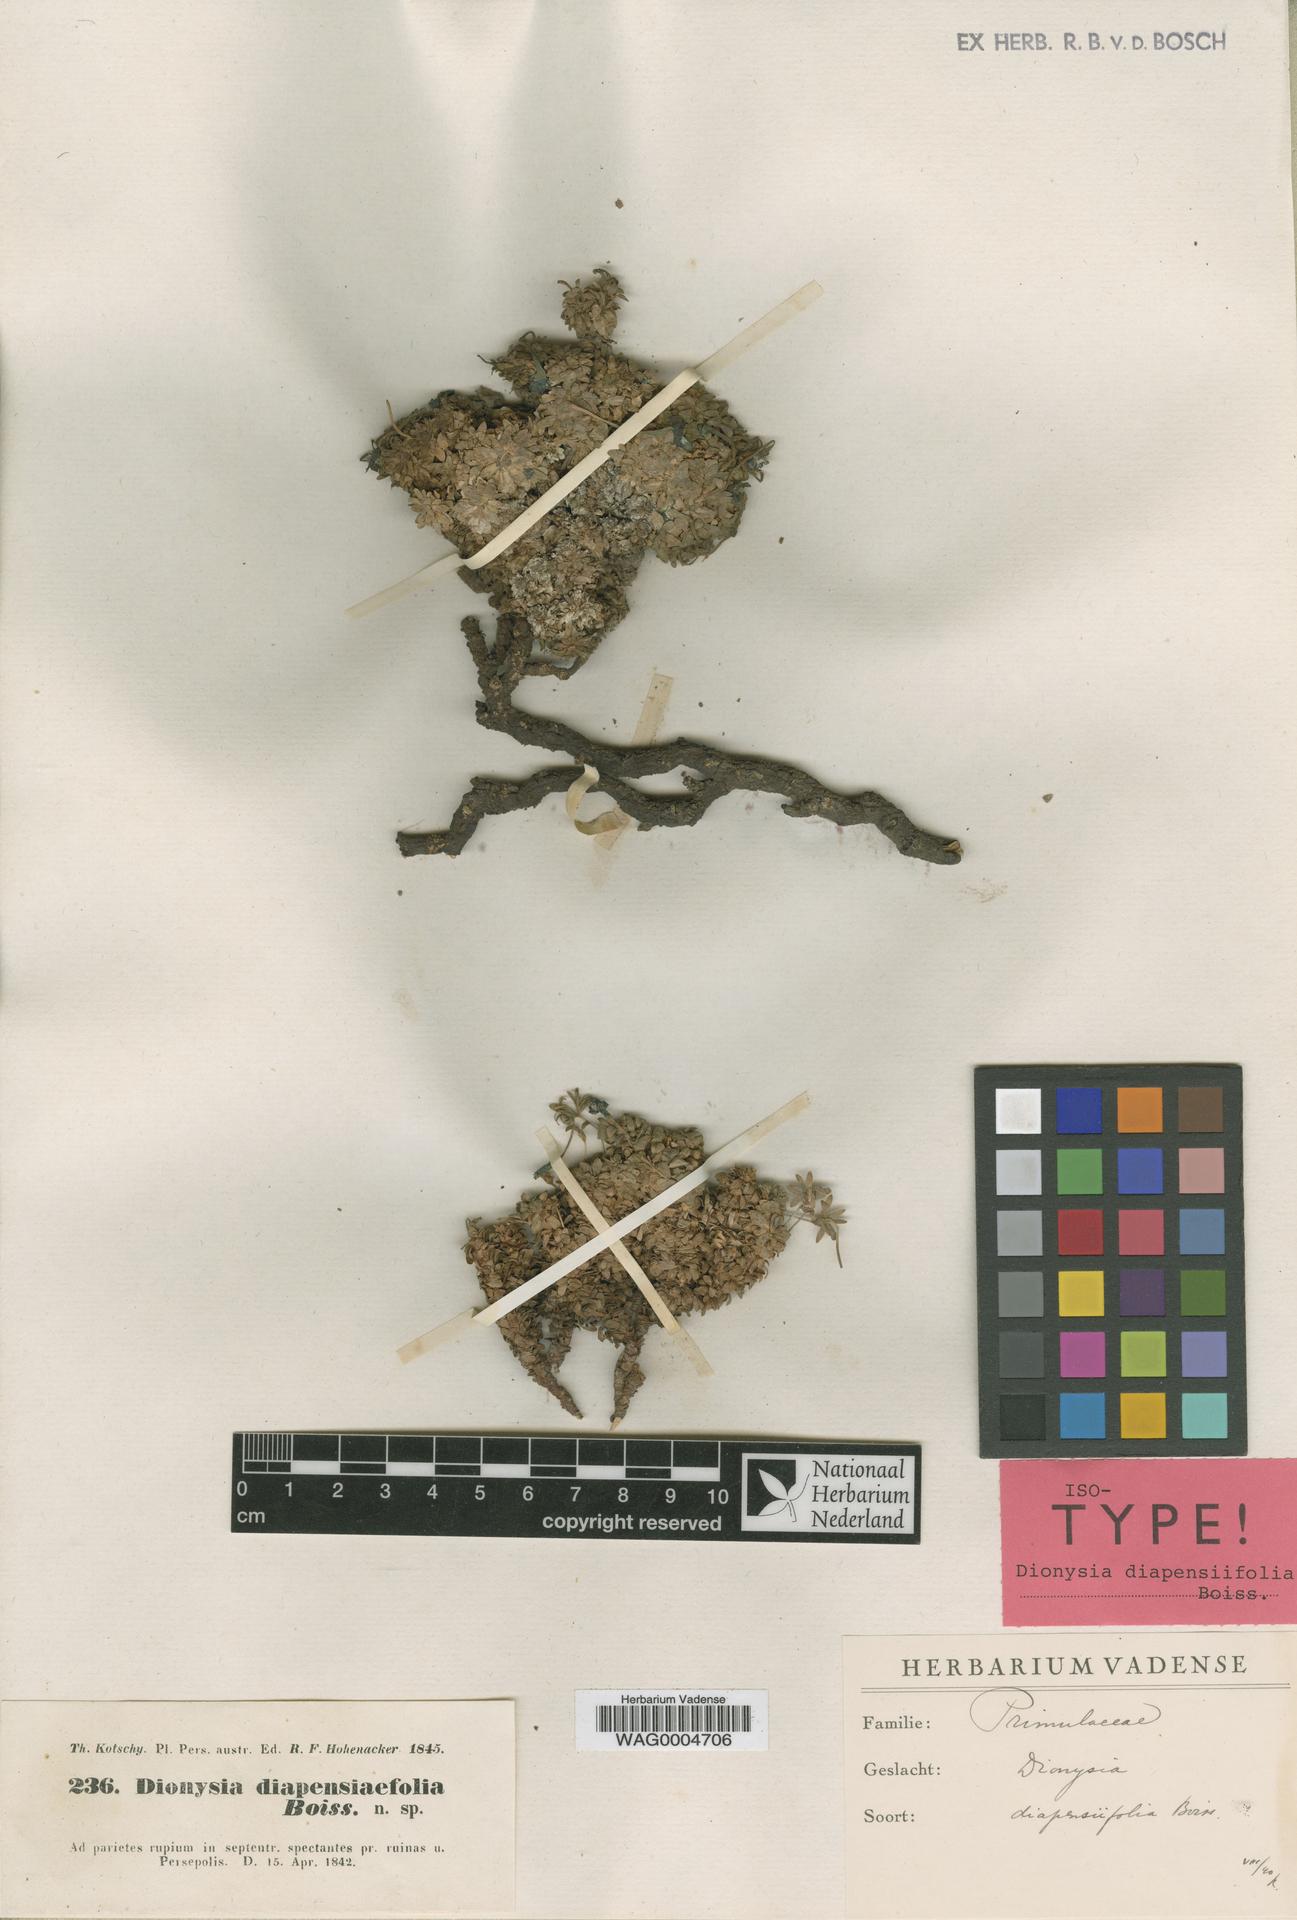 WAG0004706 | Dionysia diapensiifolia Boiss.